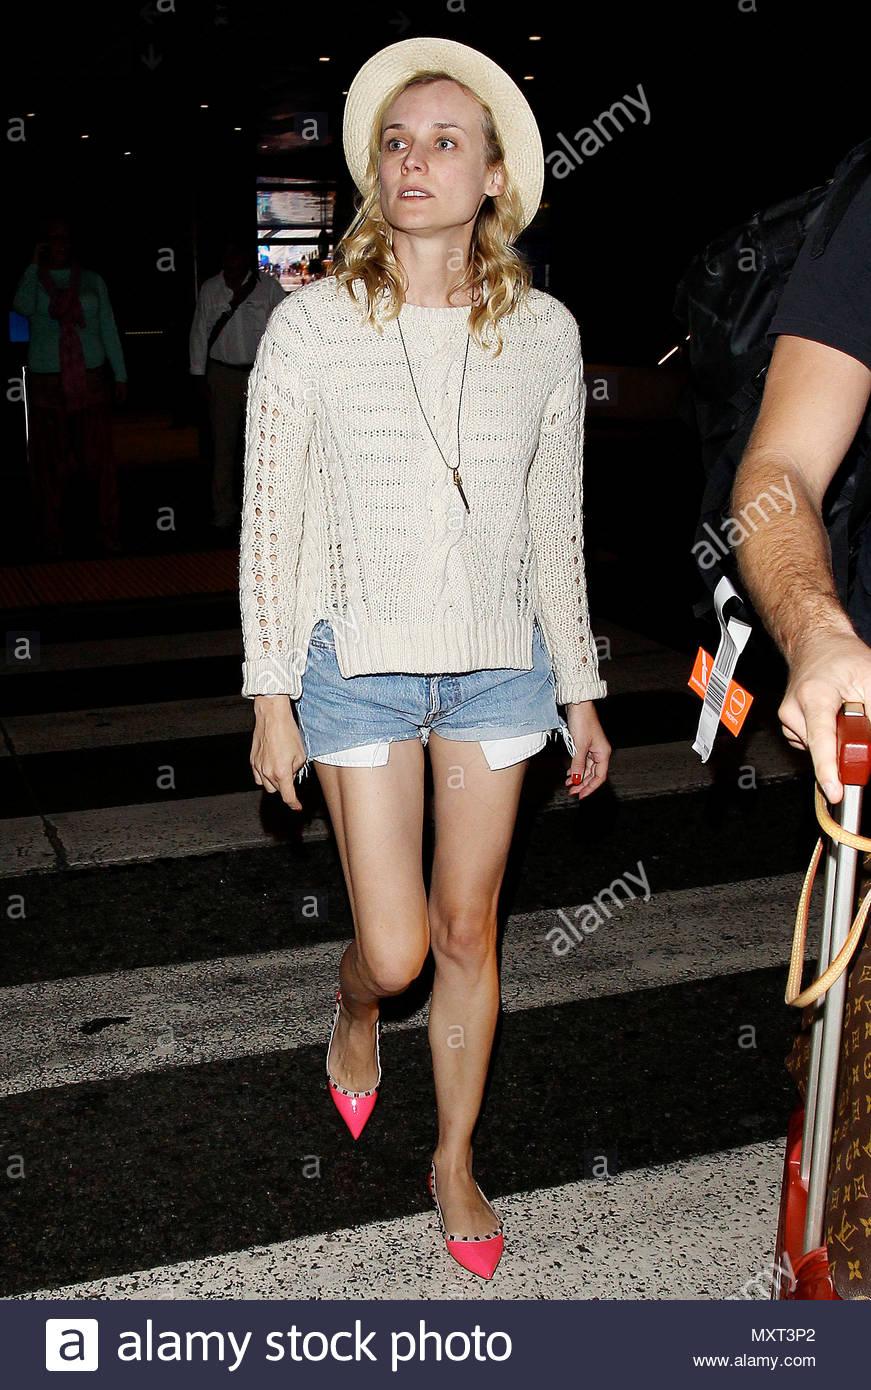 Celebrites Diane Kruger nude (35 photo), Ass, Paparazzi, Selfie, panties 2015